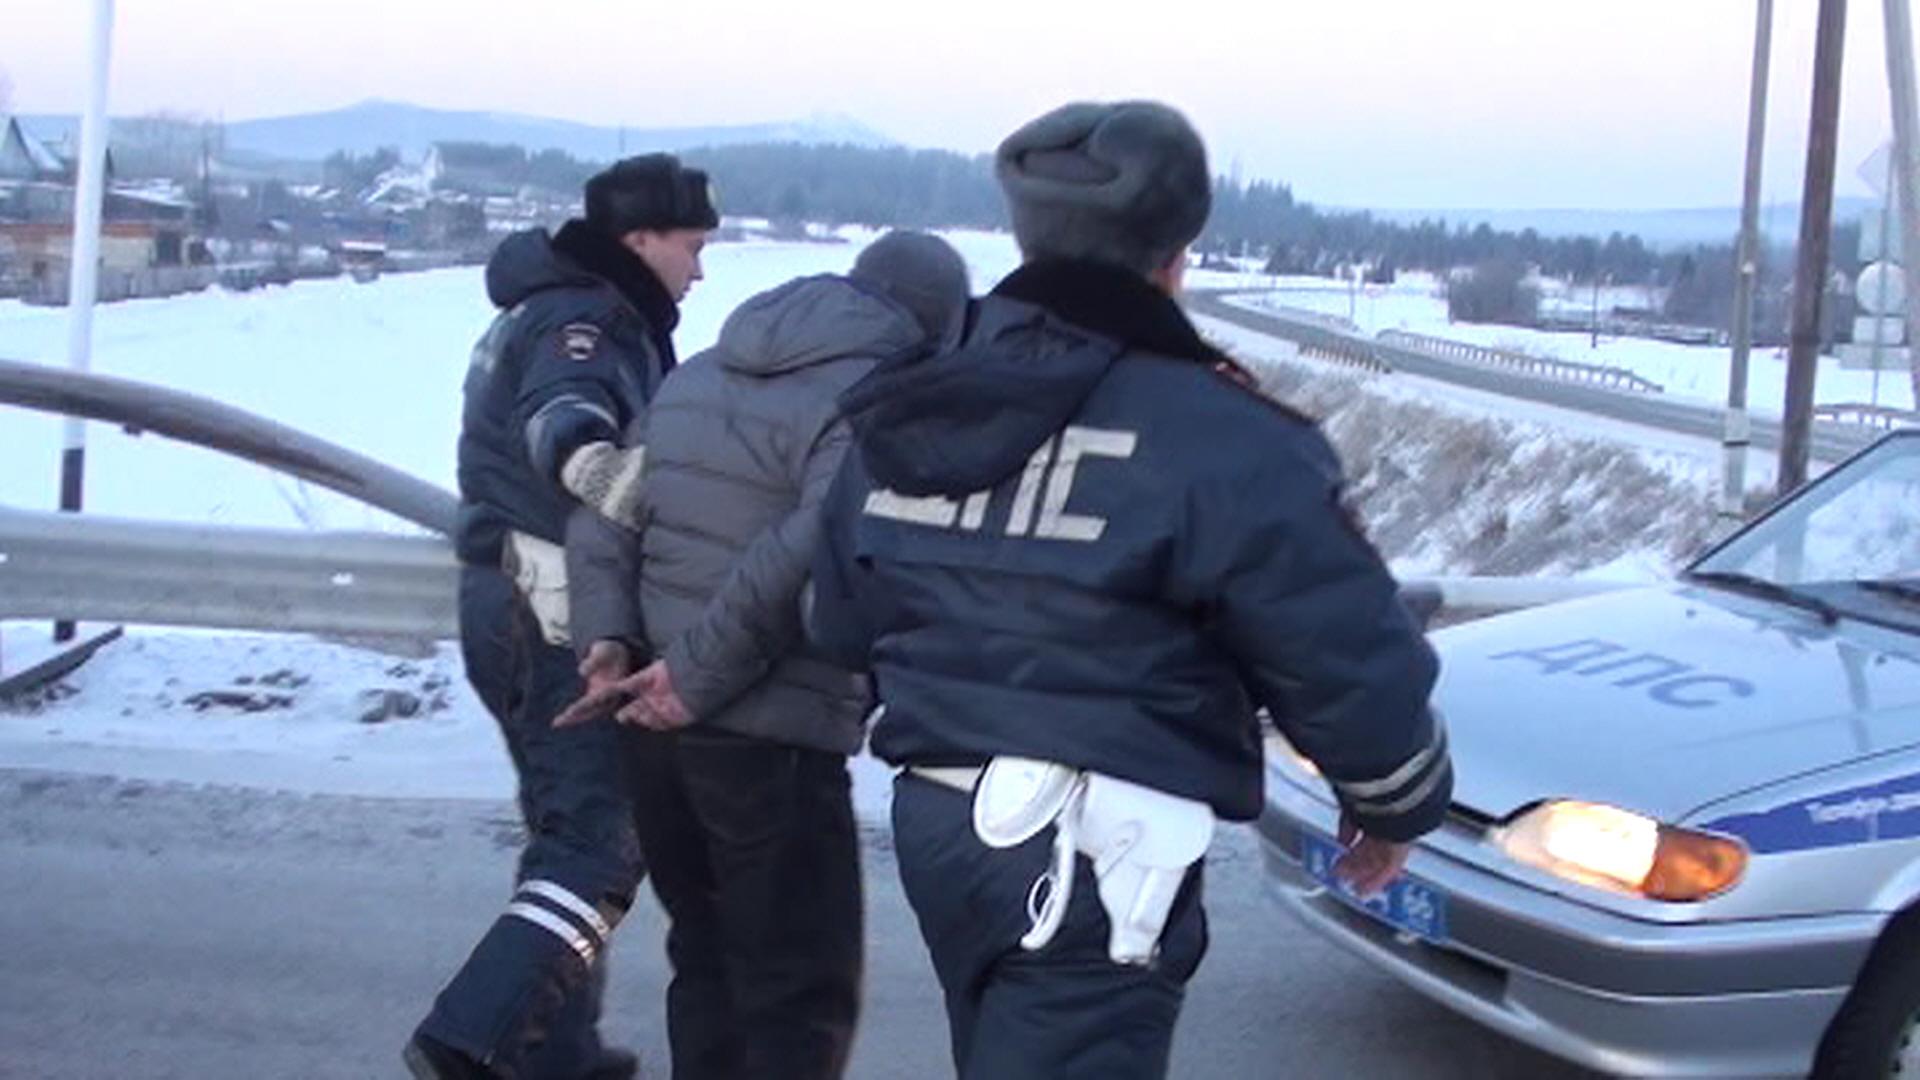 В Североуральске вооруженный налетчик вынес из банка 4 миллиона рублей